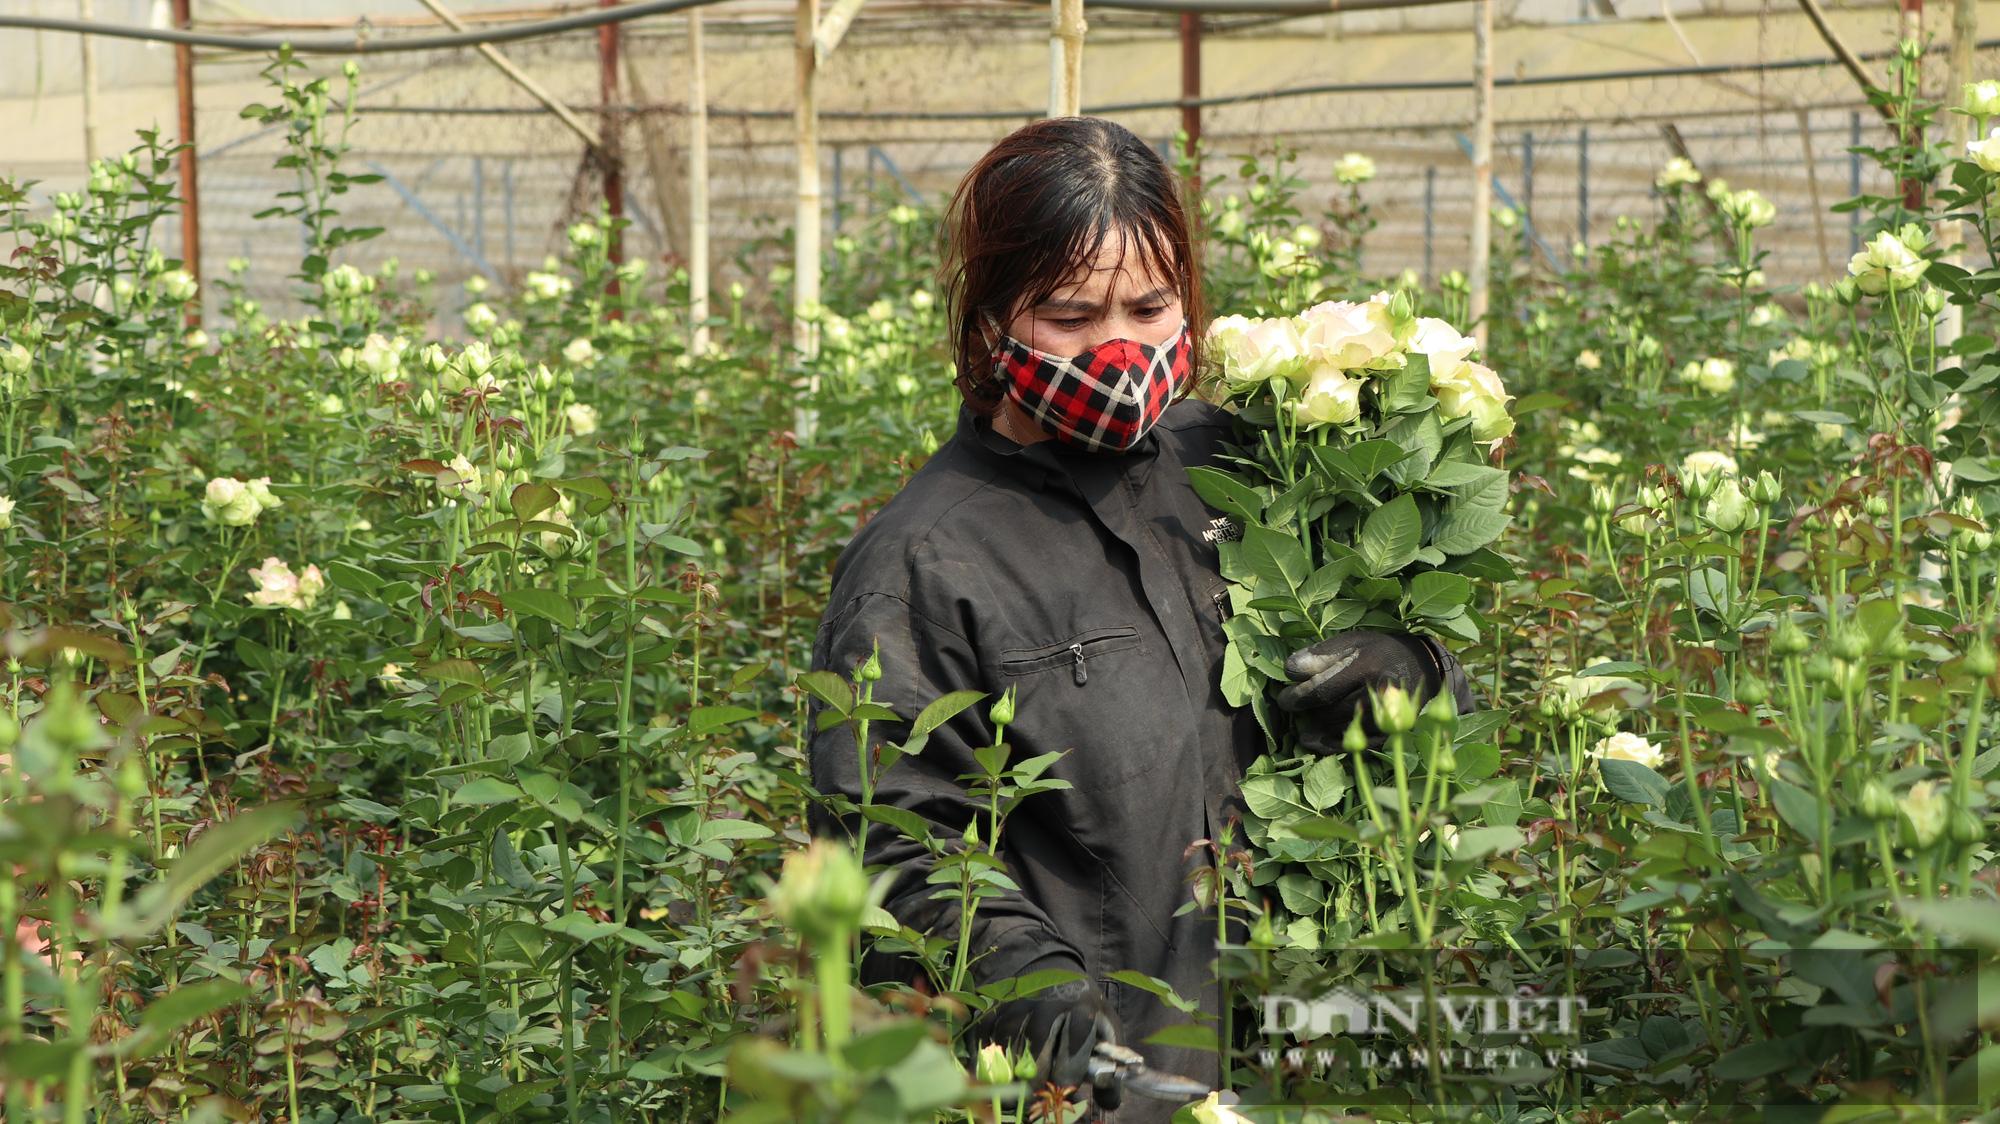 Lâm Đồng mong muốn TP.Hồ Chí Minh mở cửa chợ Đầm Sen để giúp tiêu thụ hoa Đà Lạt  - Ảnh 2.